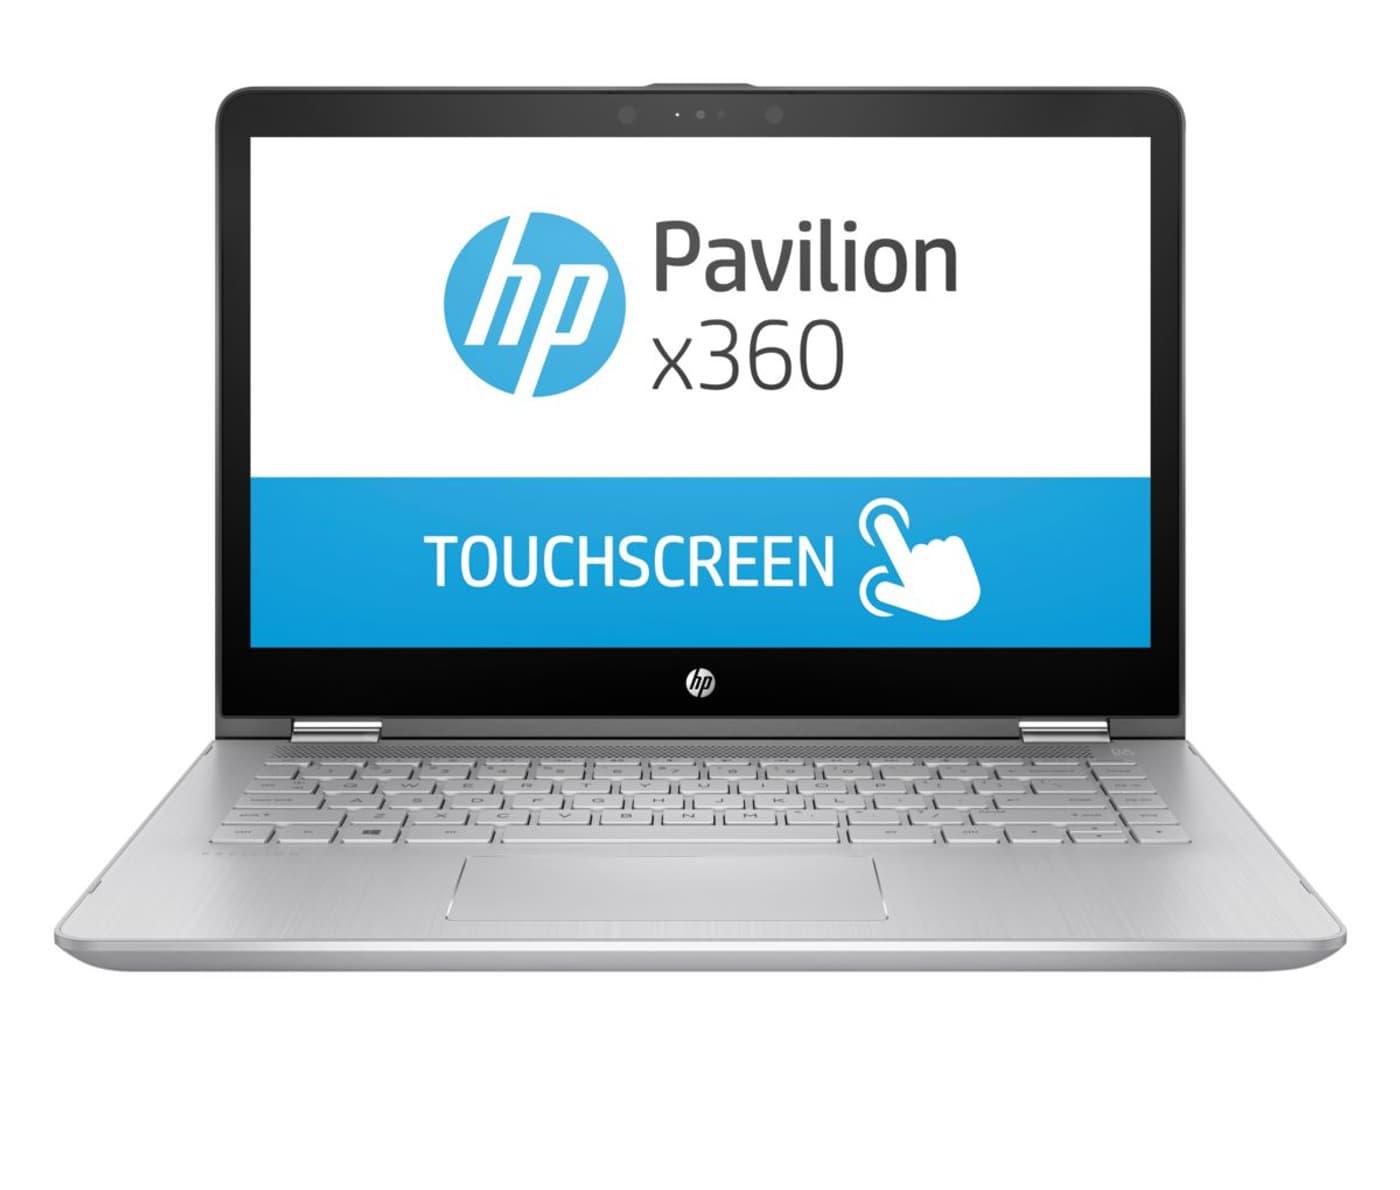 hp pavilion x360 14 ba160nz ordinateur portable - Soldes Pc Portable 15 Pouces